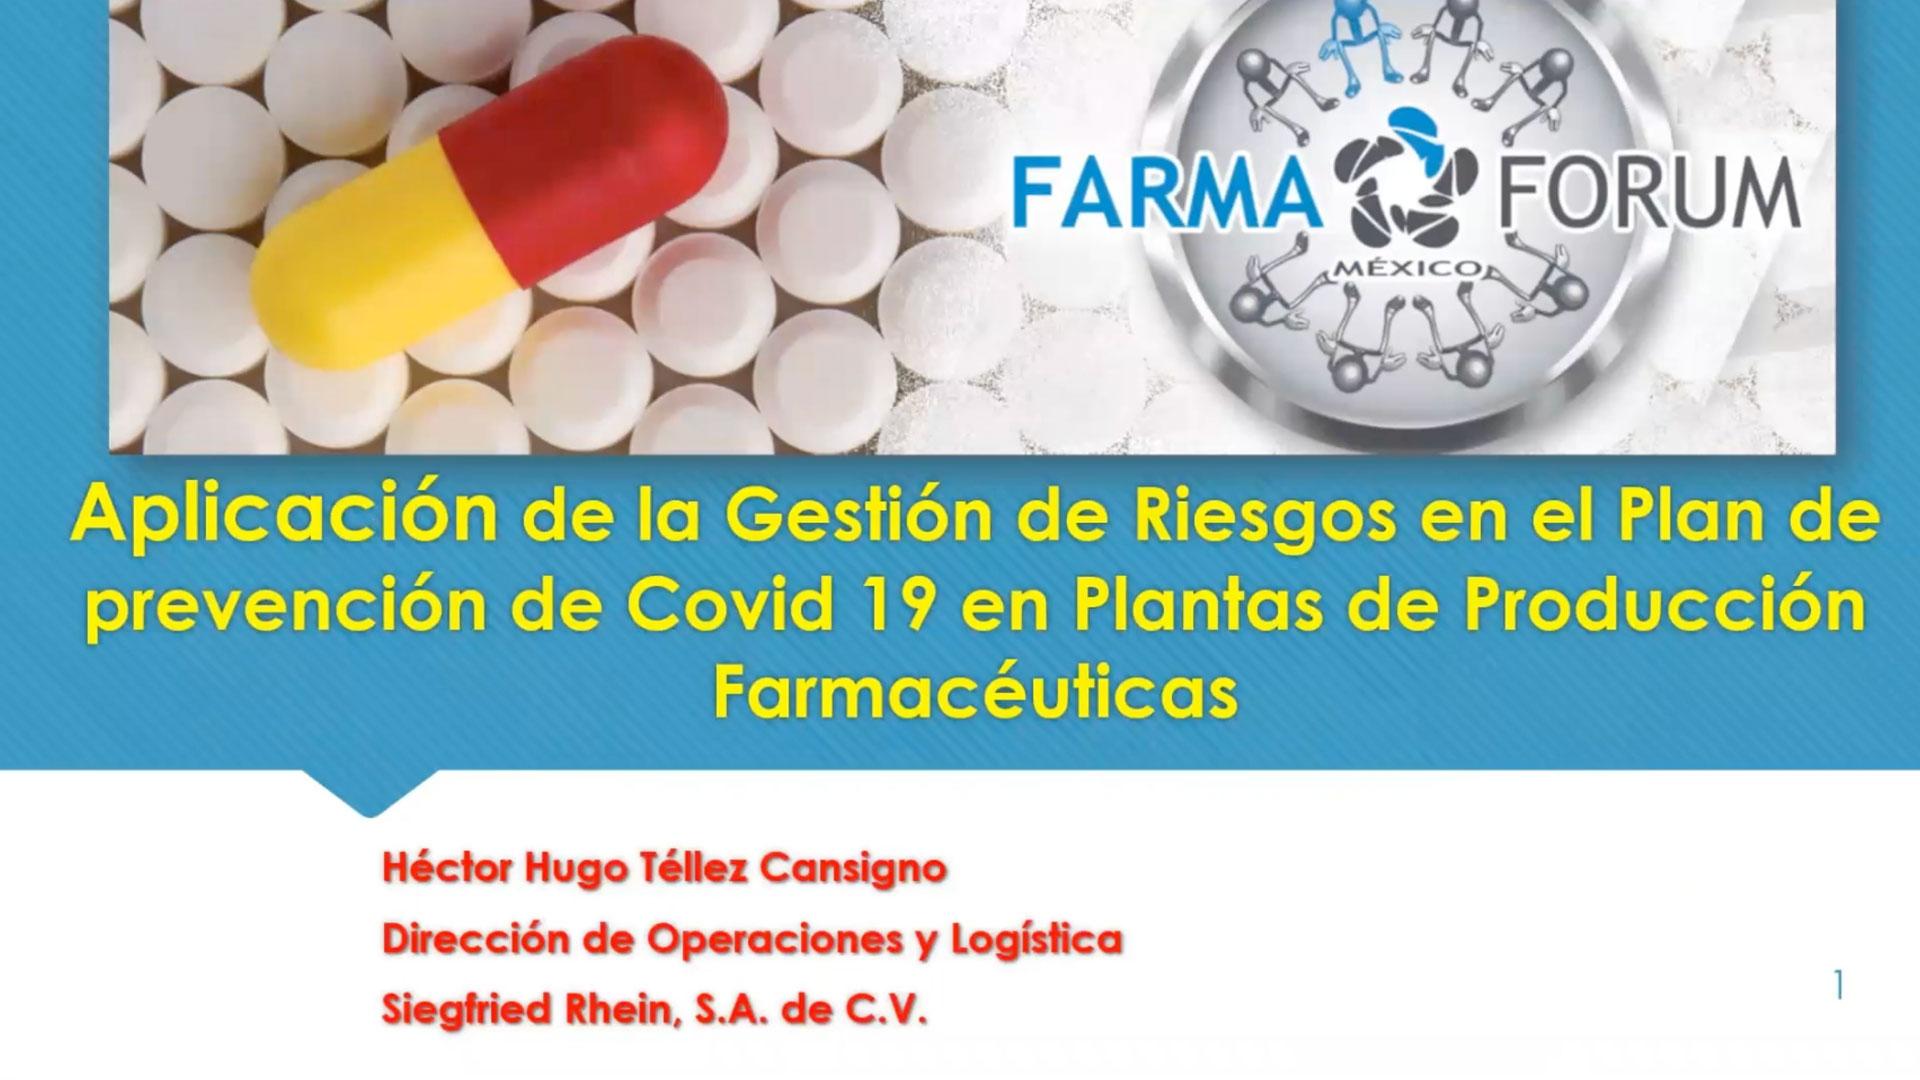 HUGO TÉLLEZ - Aplicación de gestión de riesgos en el plan de prevención de Covid-19 en plantas de producción Biofarmacéutica